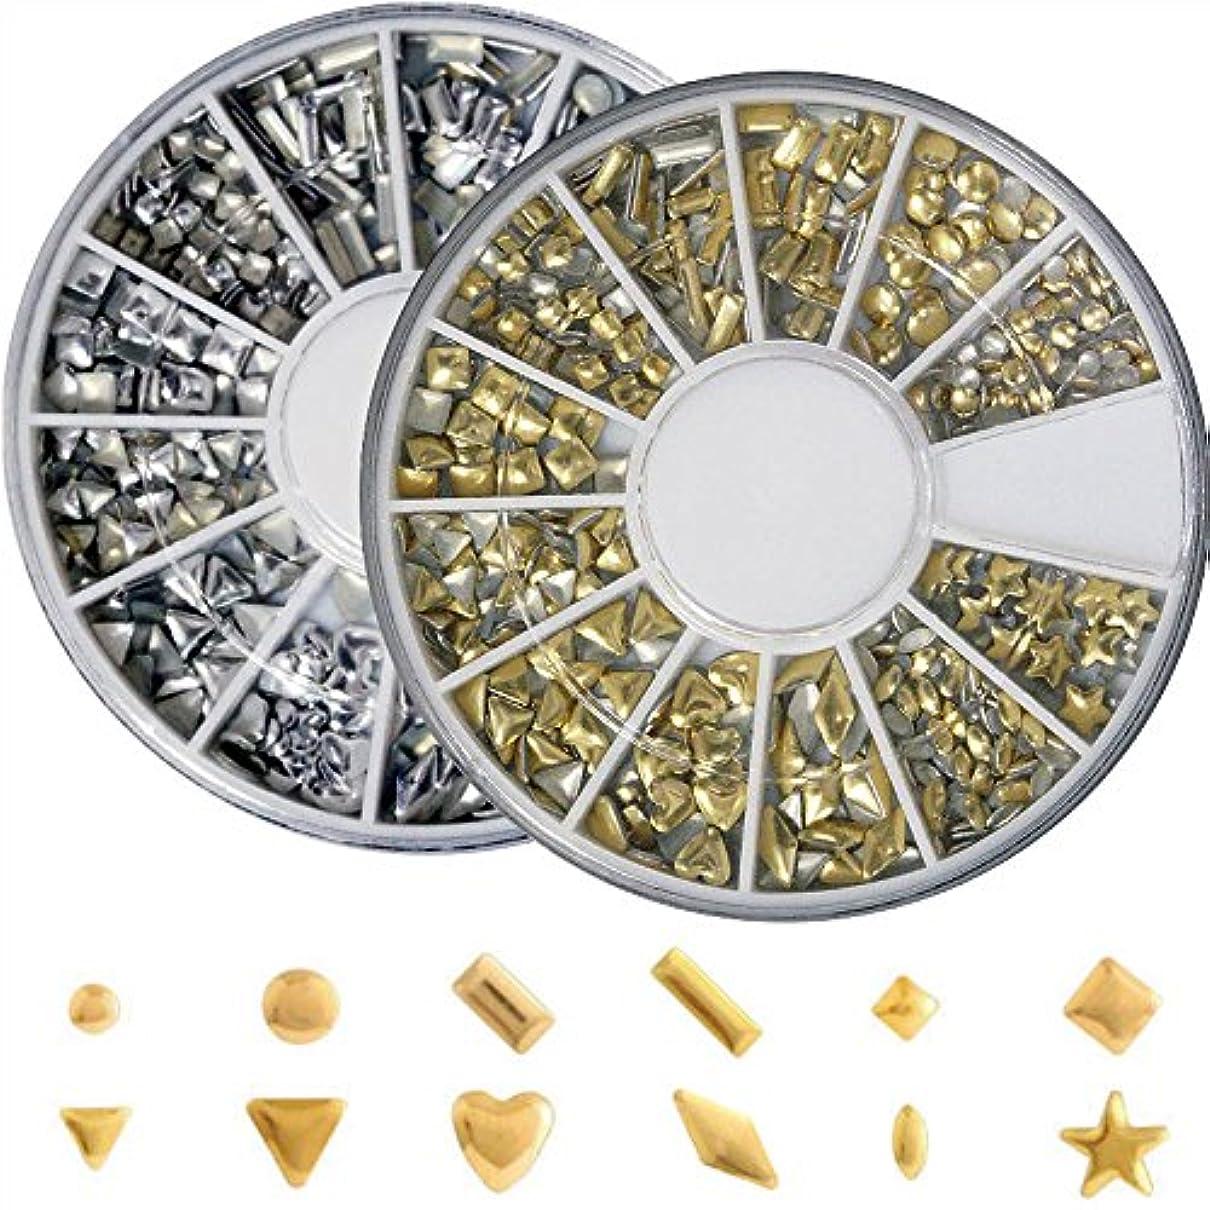 テーマ振りかけるぎこちないメタルスタッズ12種類 ネイル用 ゴールド&シルバー ラウンドケース入2個/セット